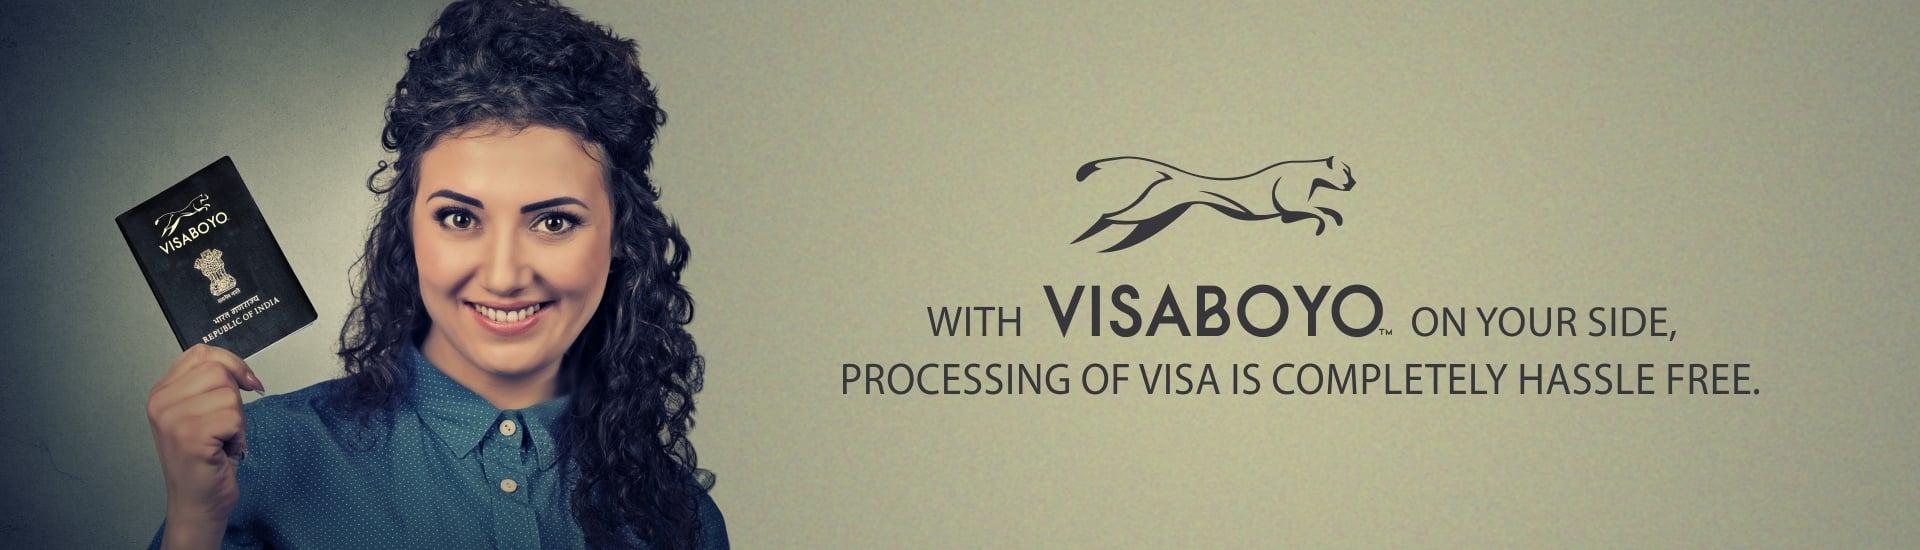 visaboyo-banner-2